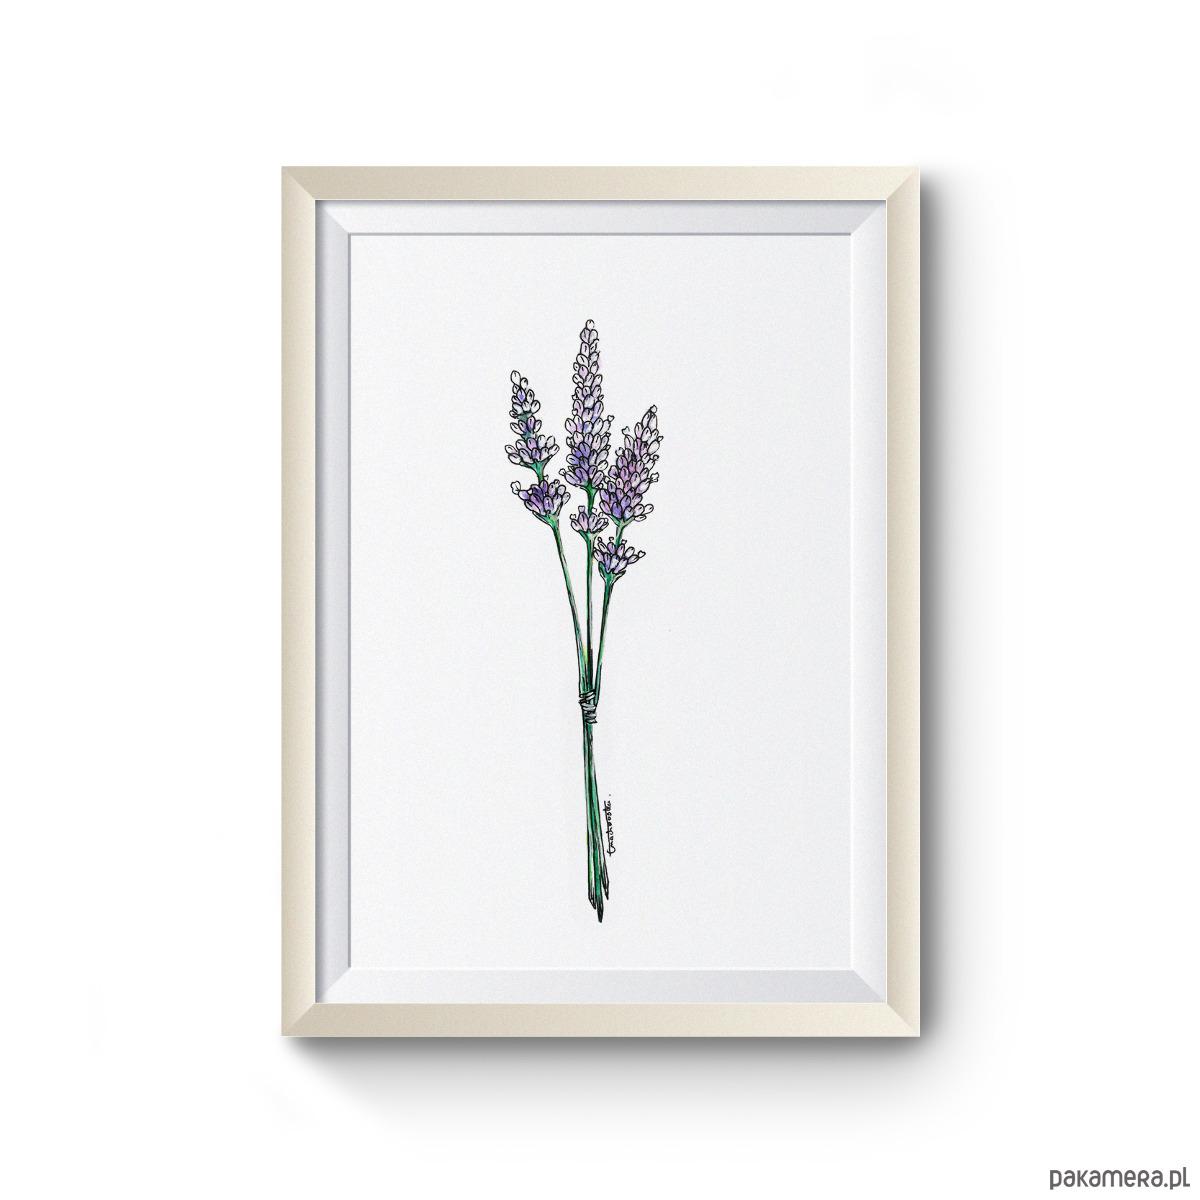 szybkie randki st-hyacinthe